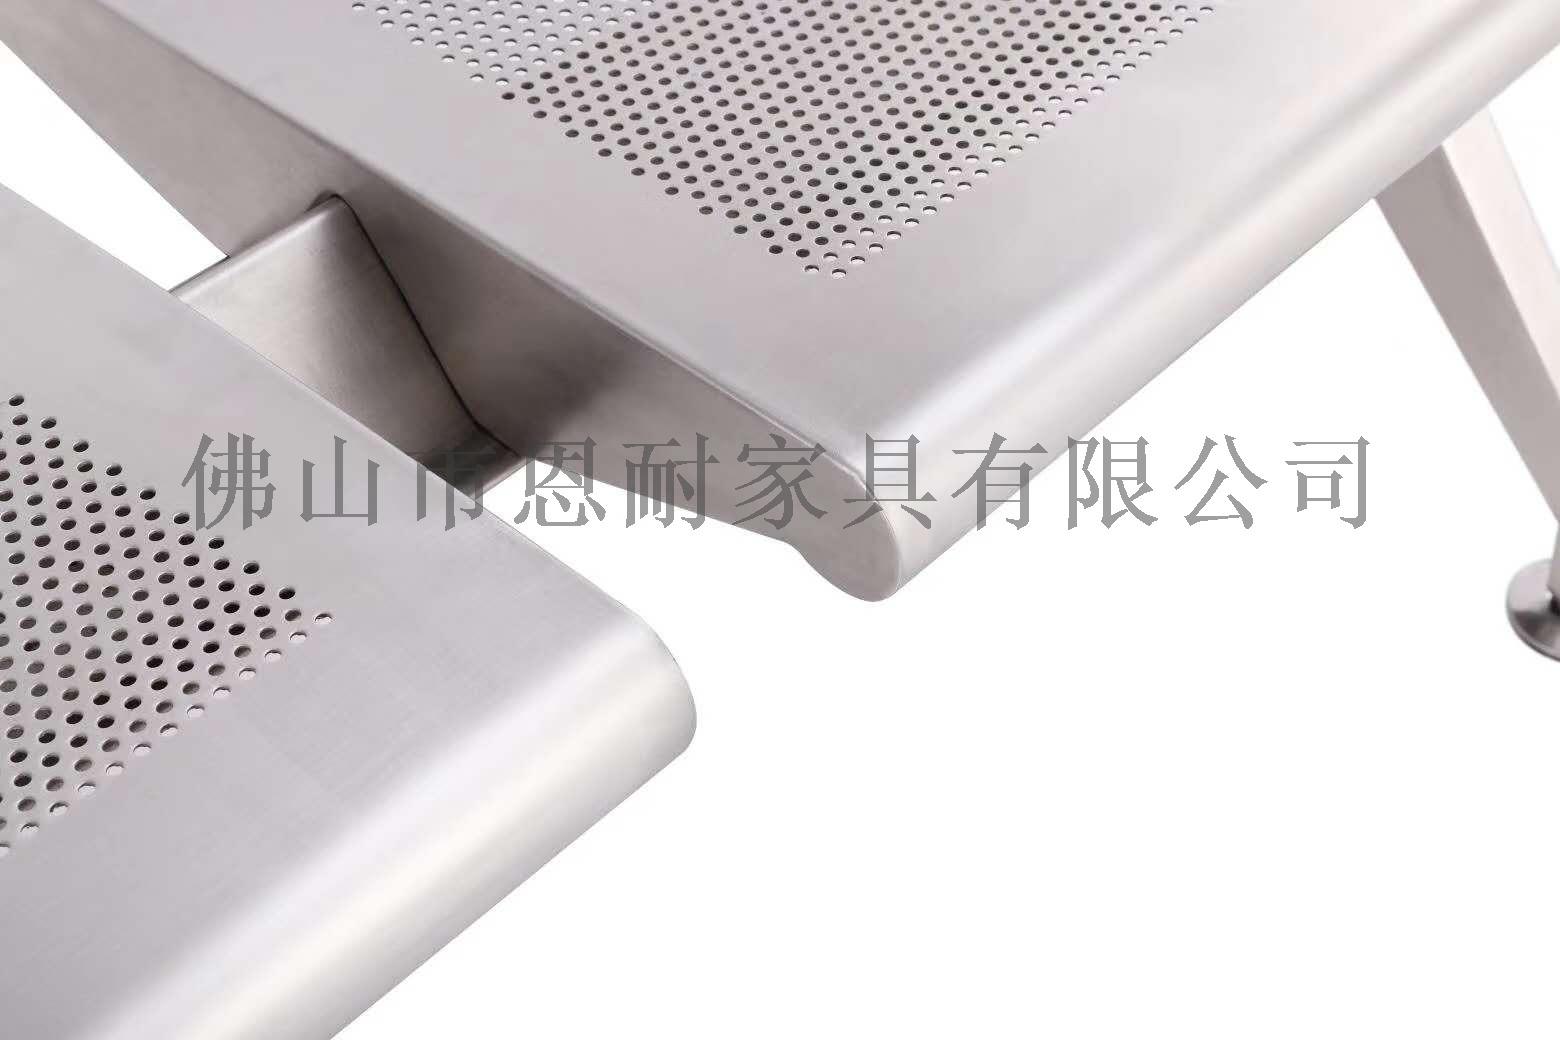 不锈钢排椅厂家 不锈钢平板椅 不锈钢监盘椅146124685